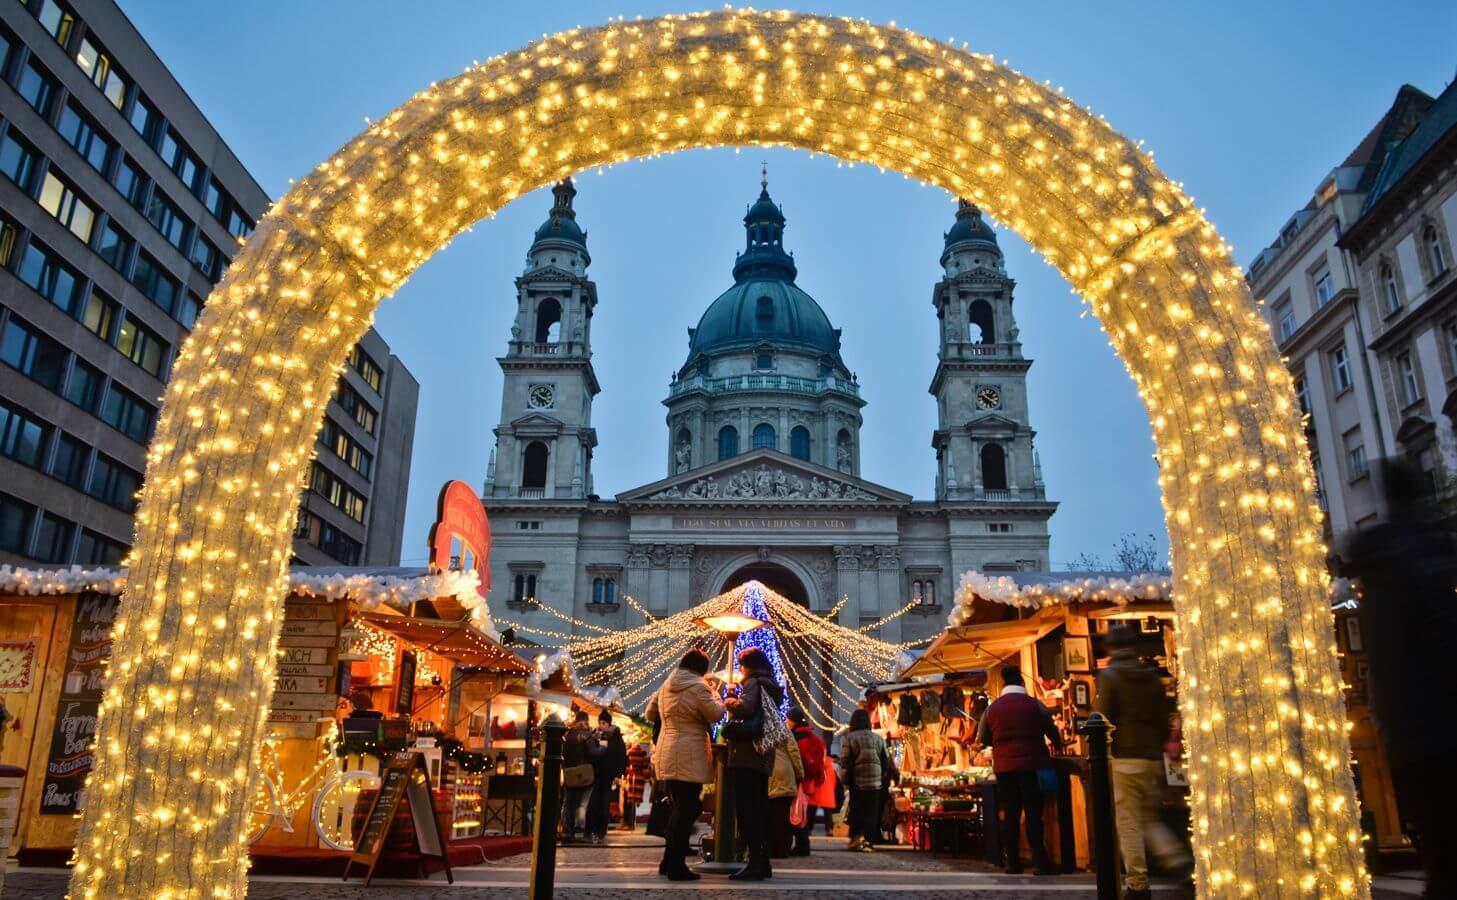 בודפשט בחורף בדצמבר Budapest in winter and december